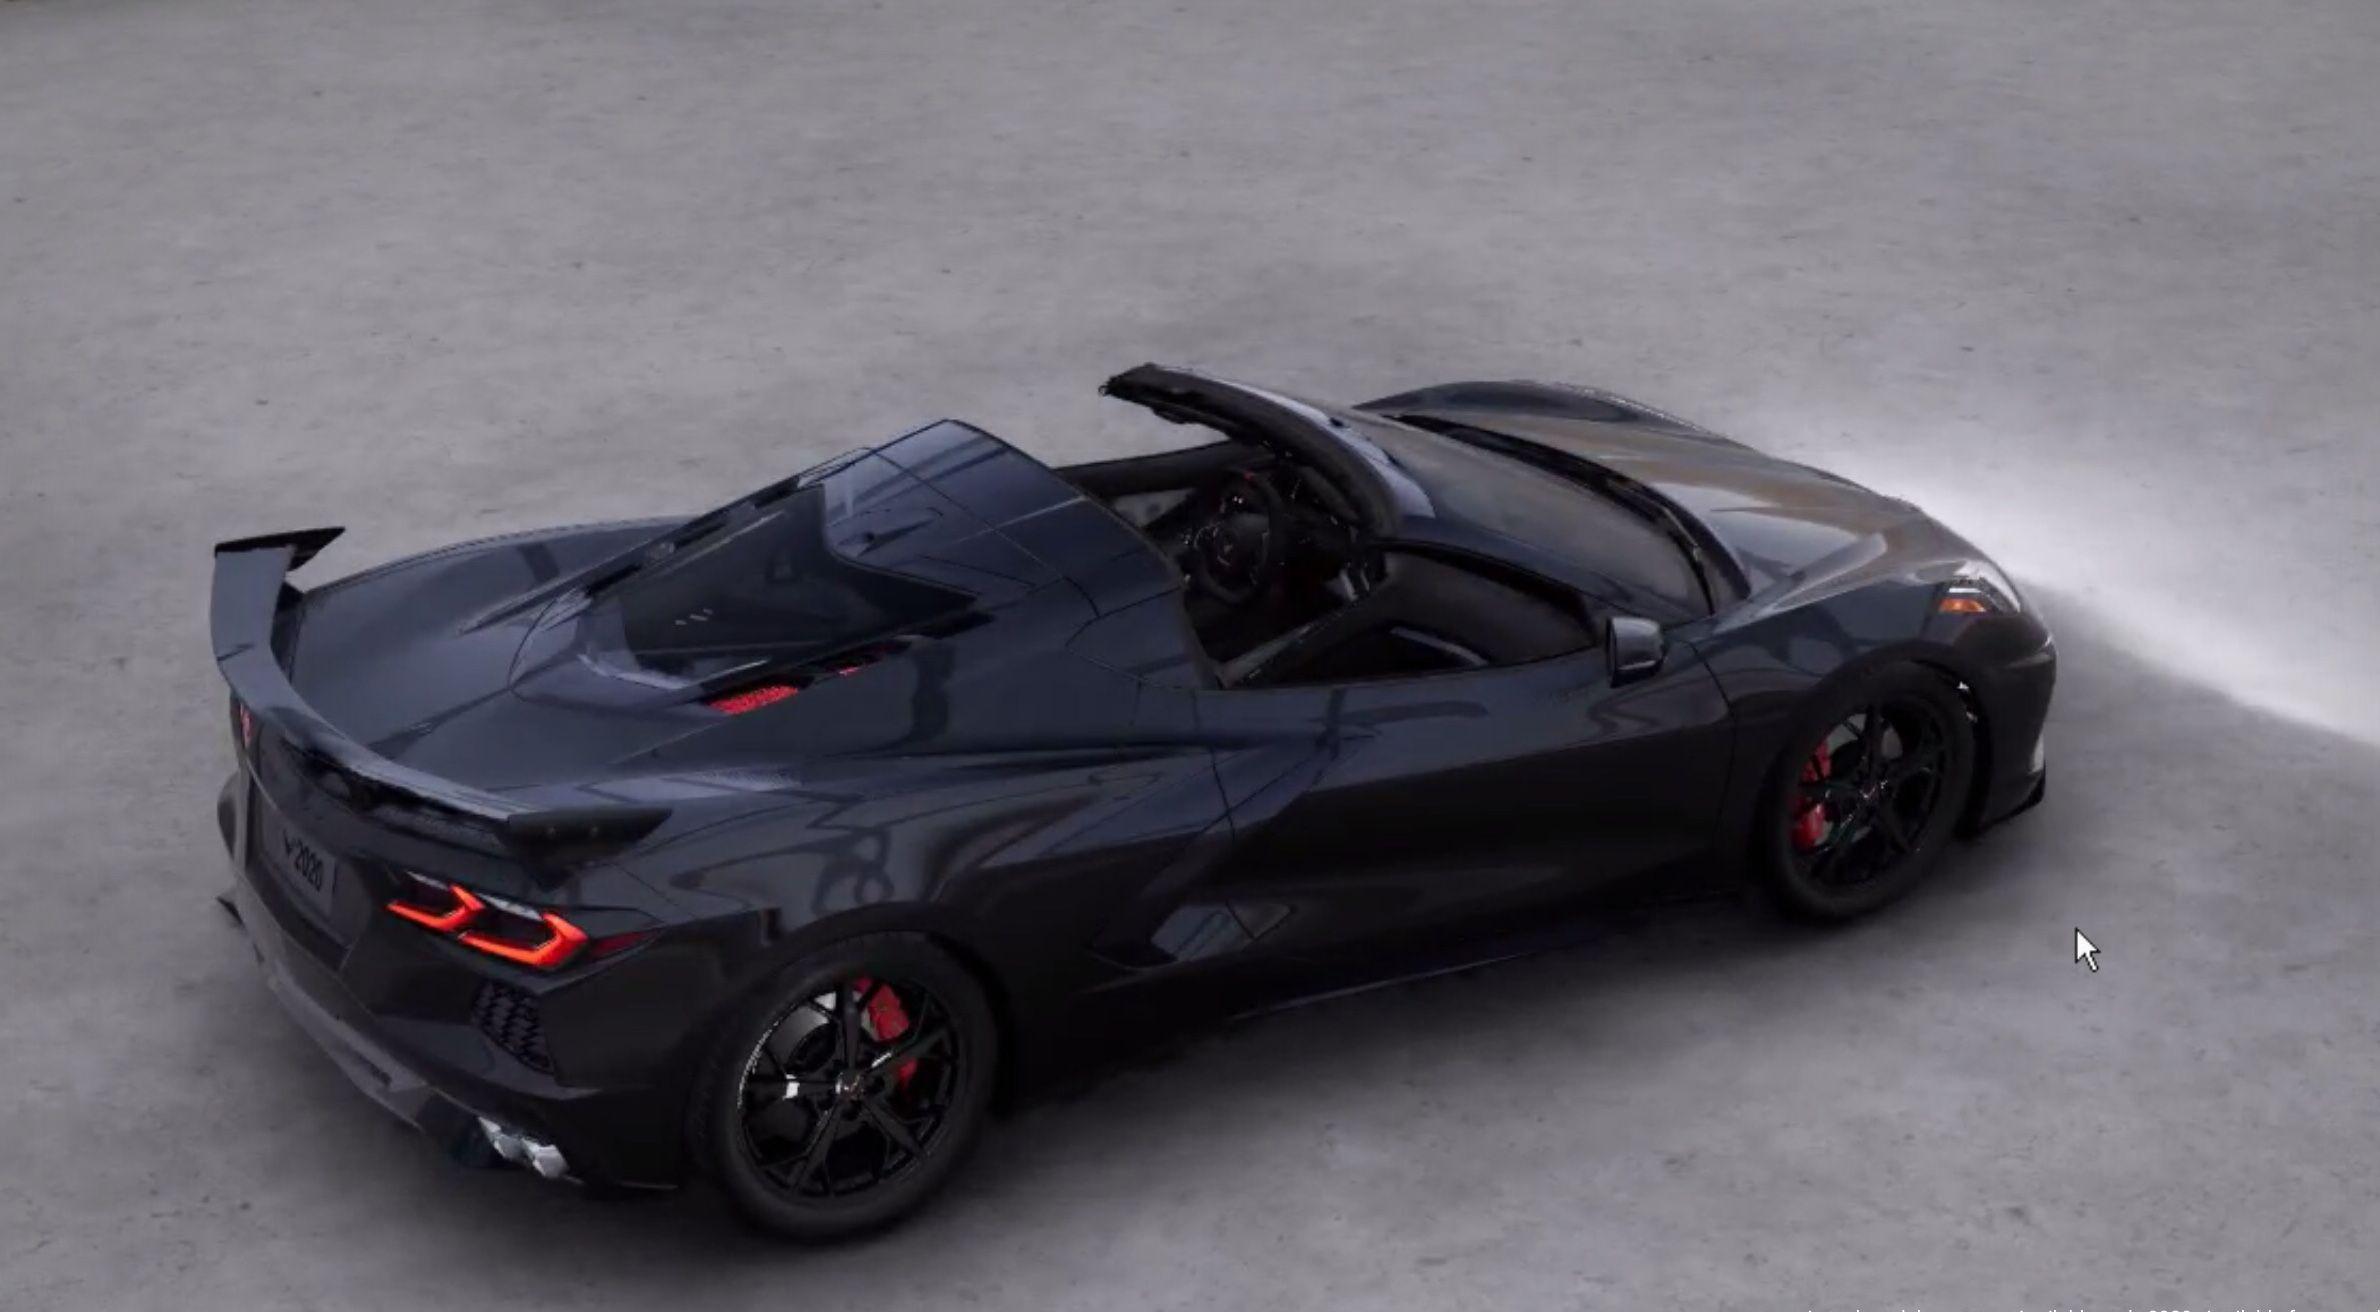 C8 Corvette Black On Black Top View Corvette Corvette Stingray Sport Cars